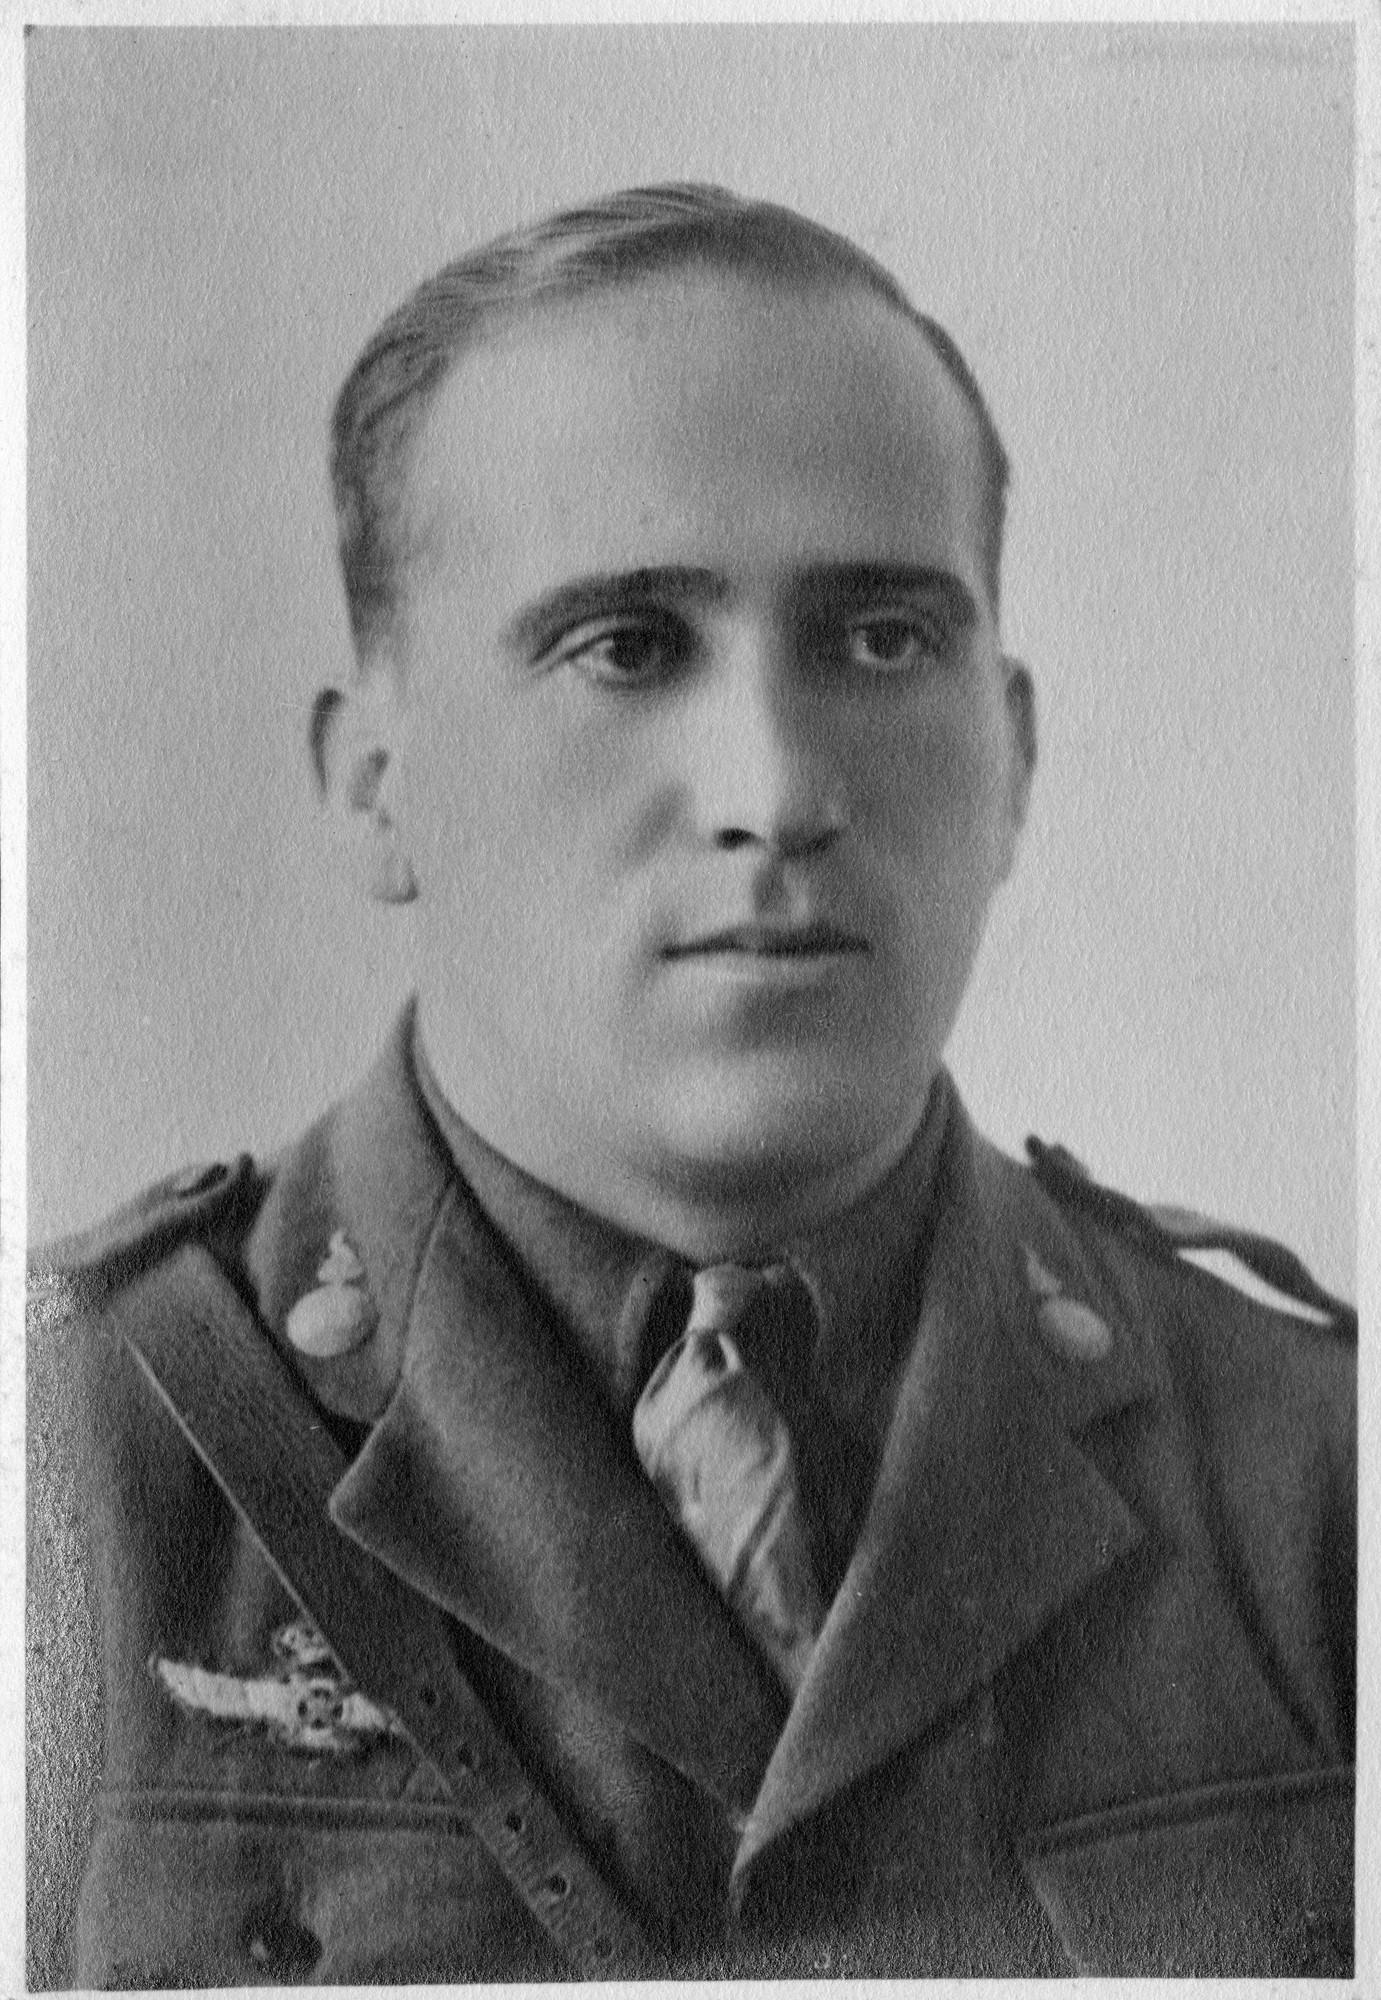 Se cumple el 79 aniversario del asesinato de Julio Ruiz de Alda, fundador de La Falange